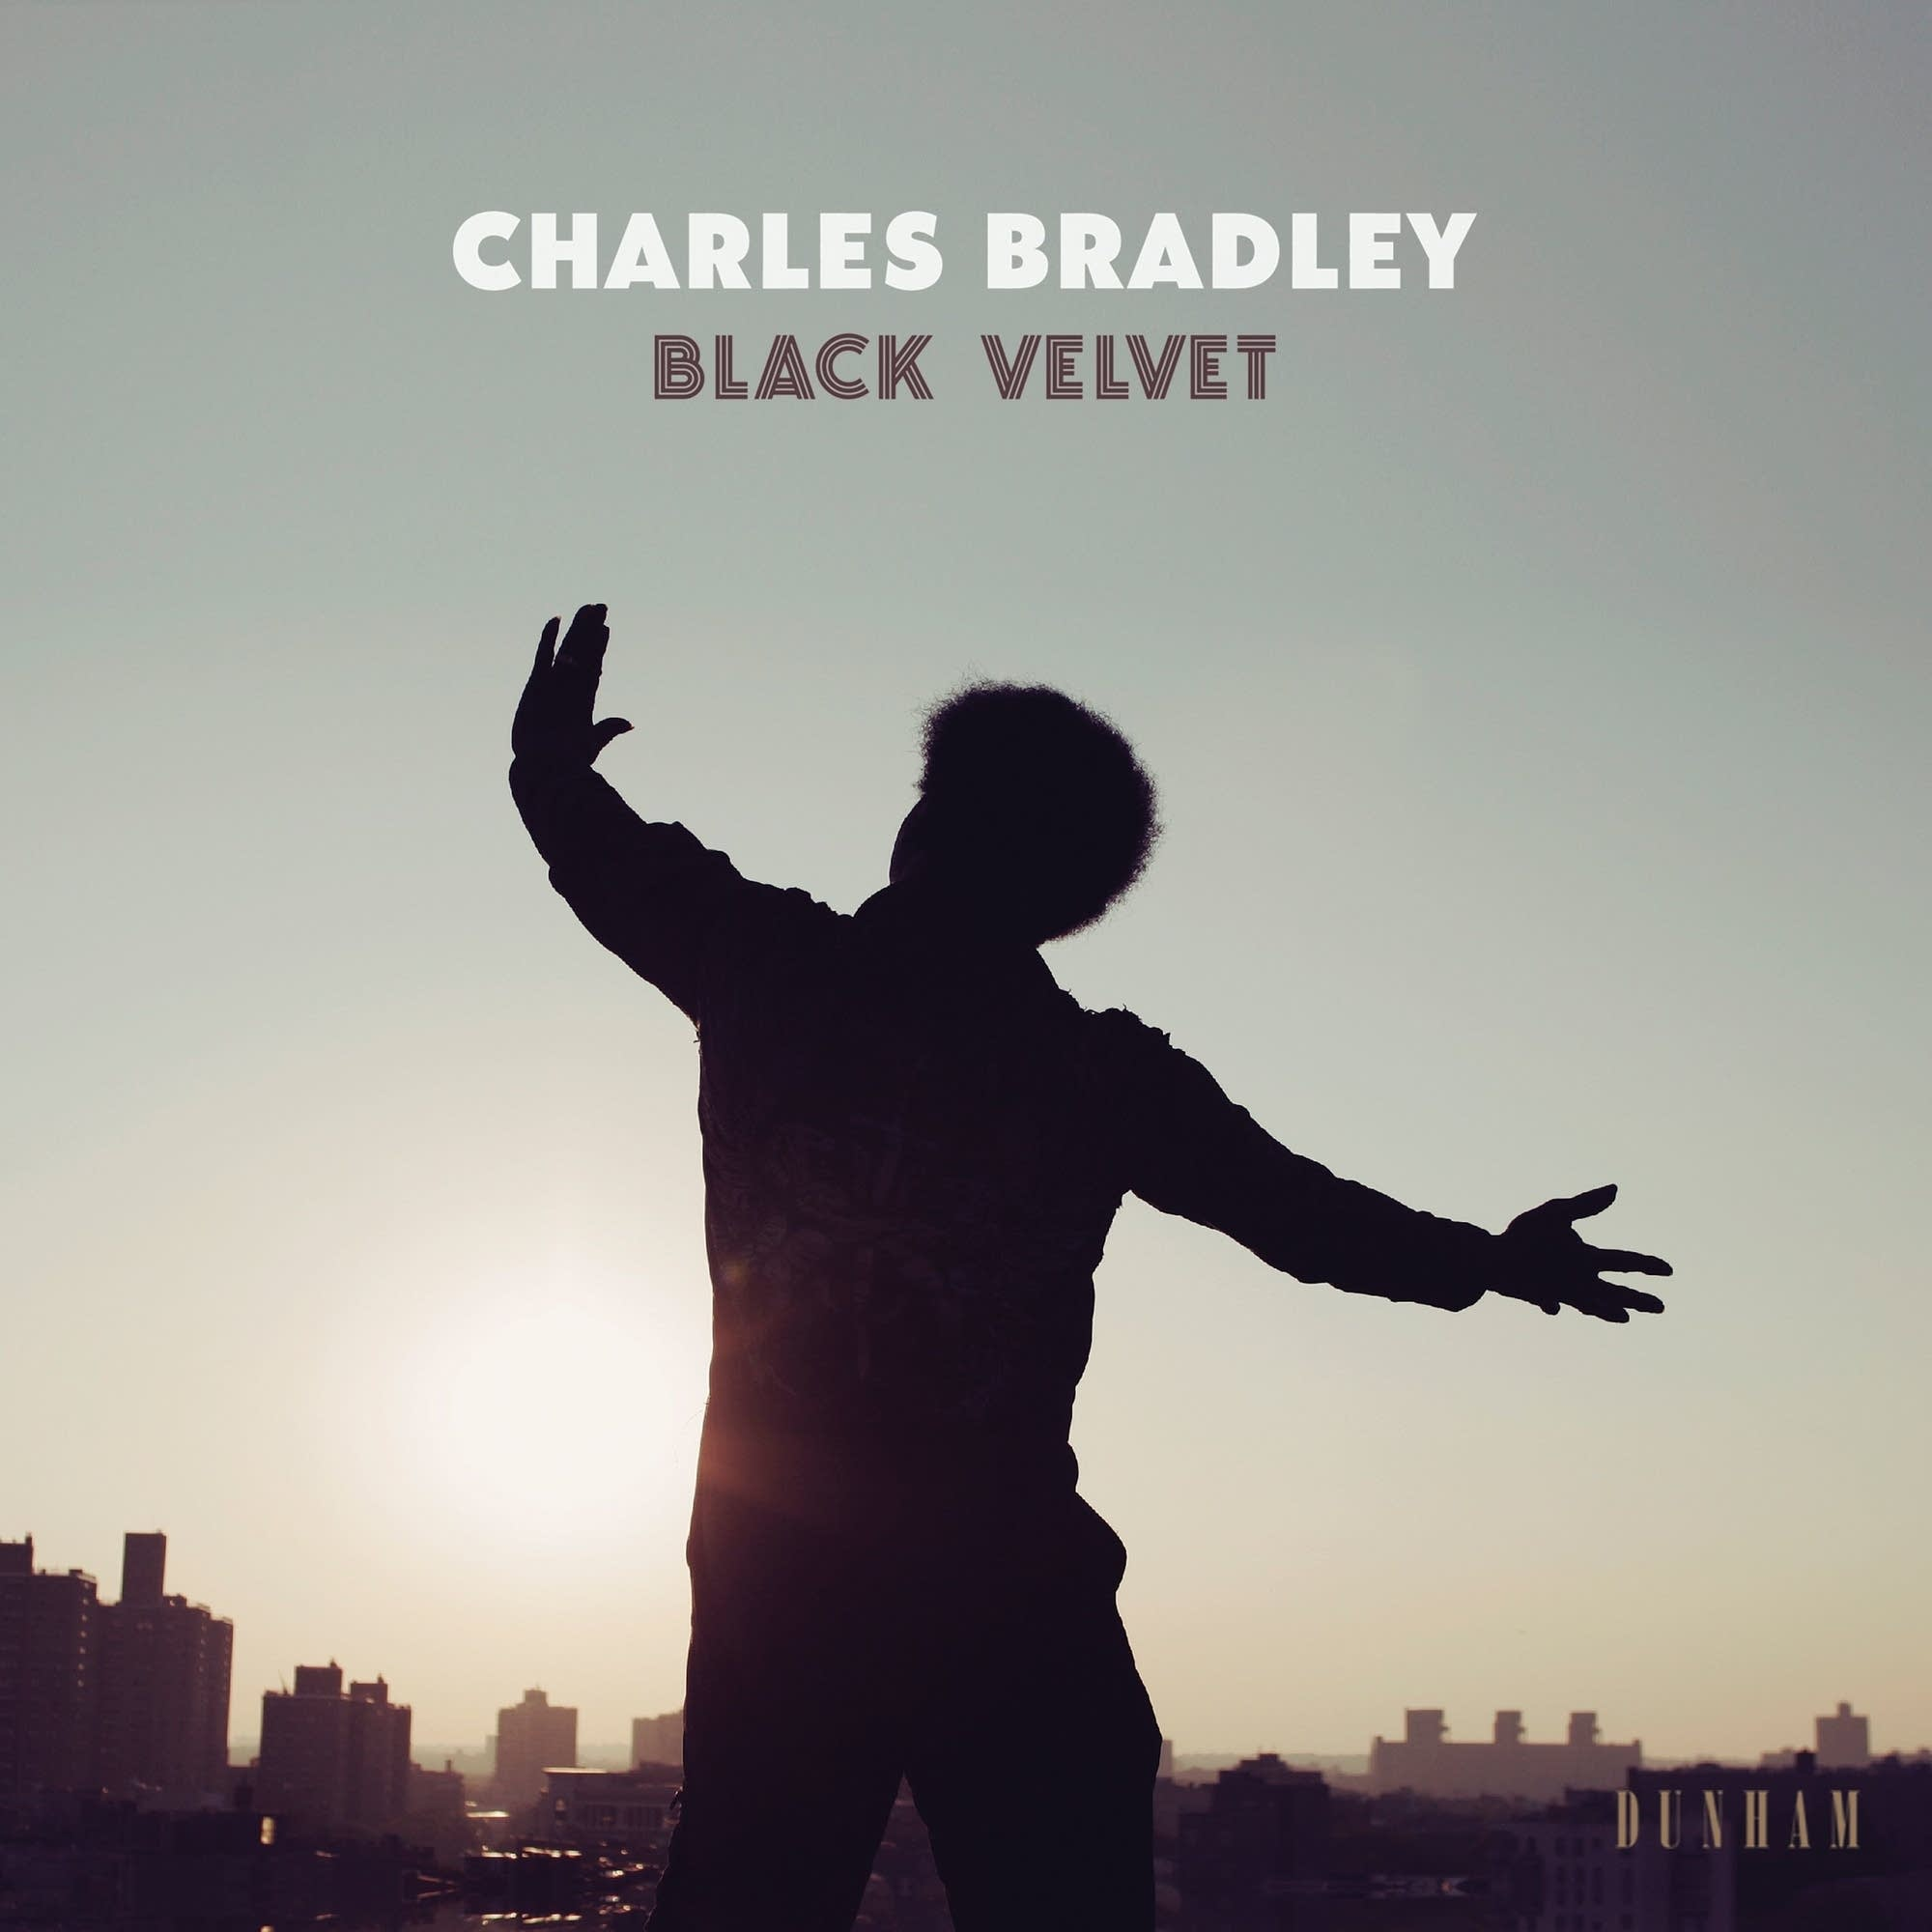 Charles Bradley, 'Black Velvet'